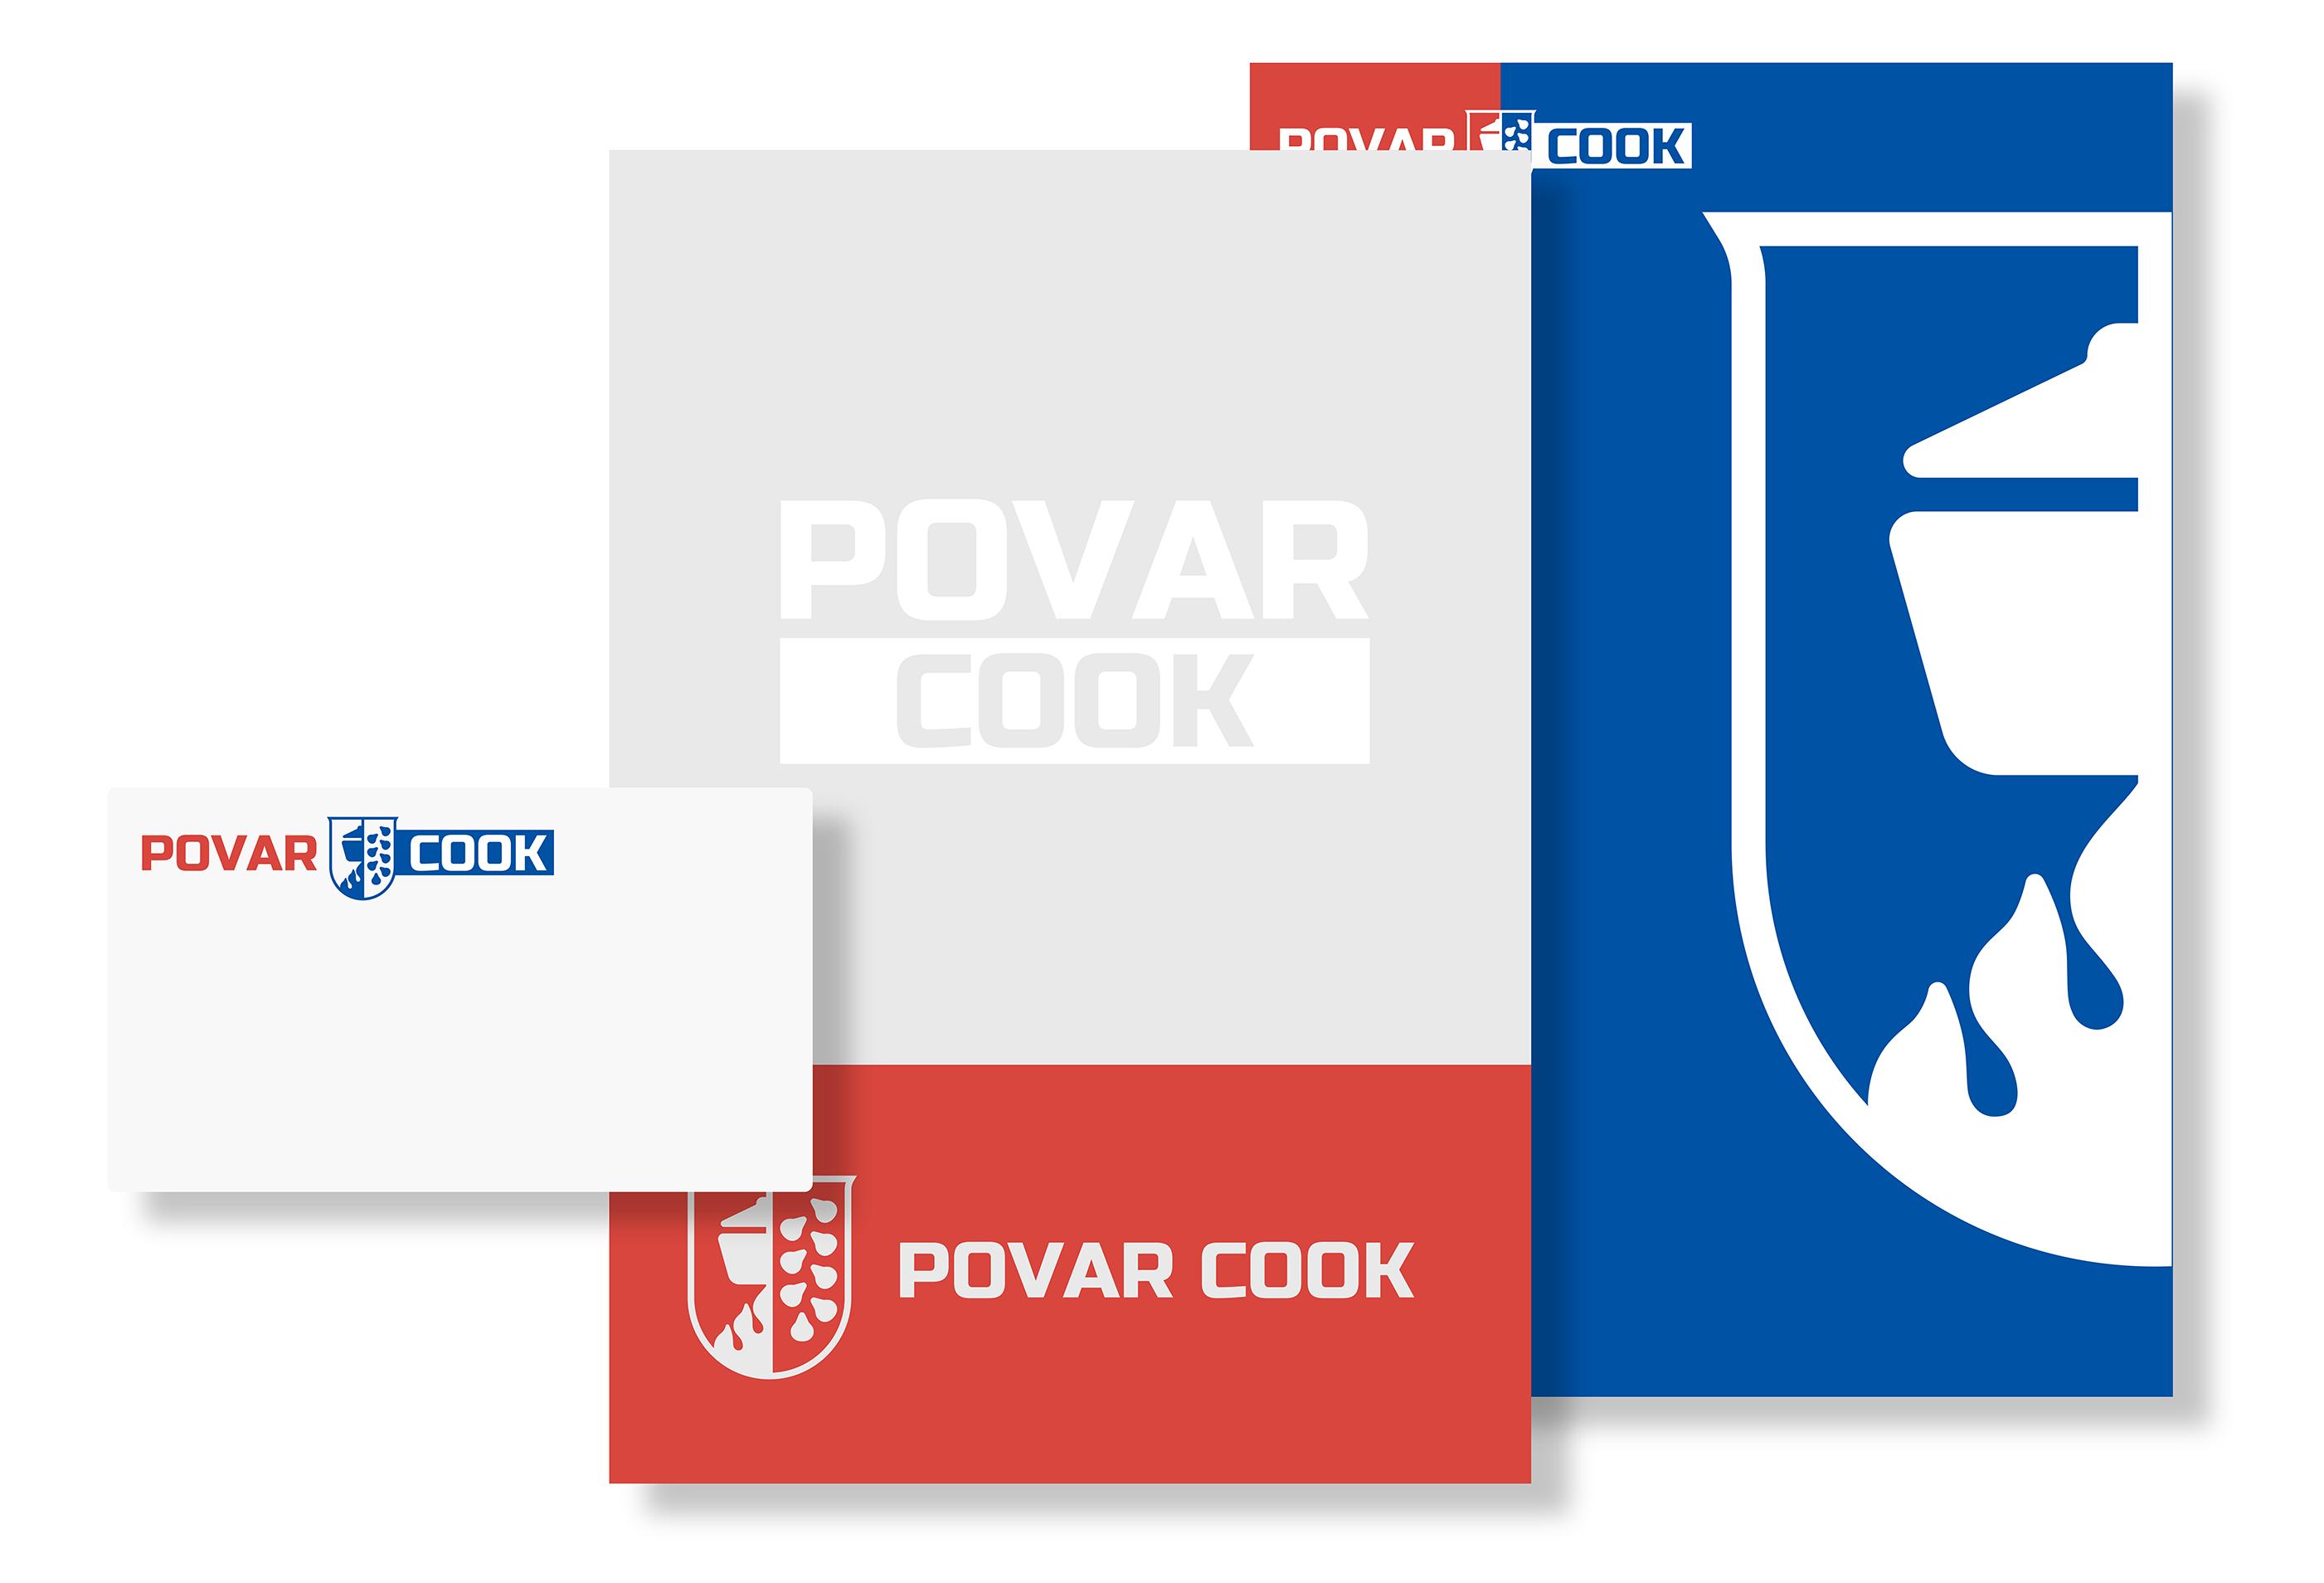 POVAR COOK